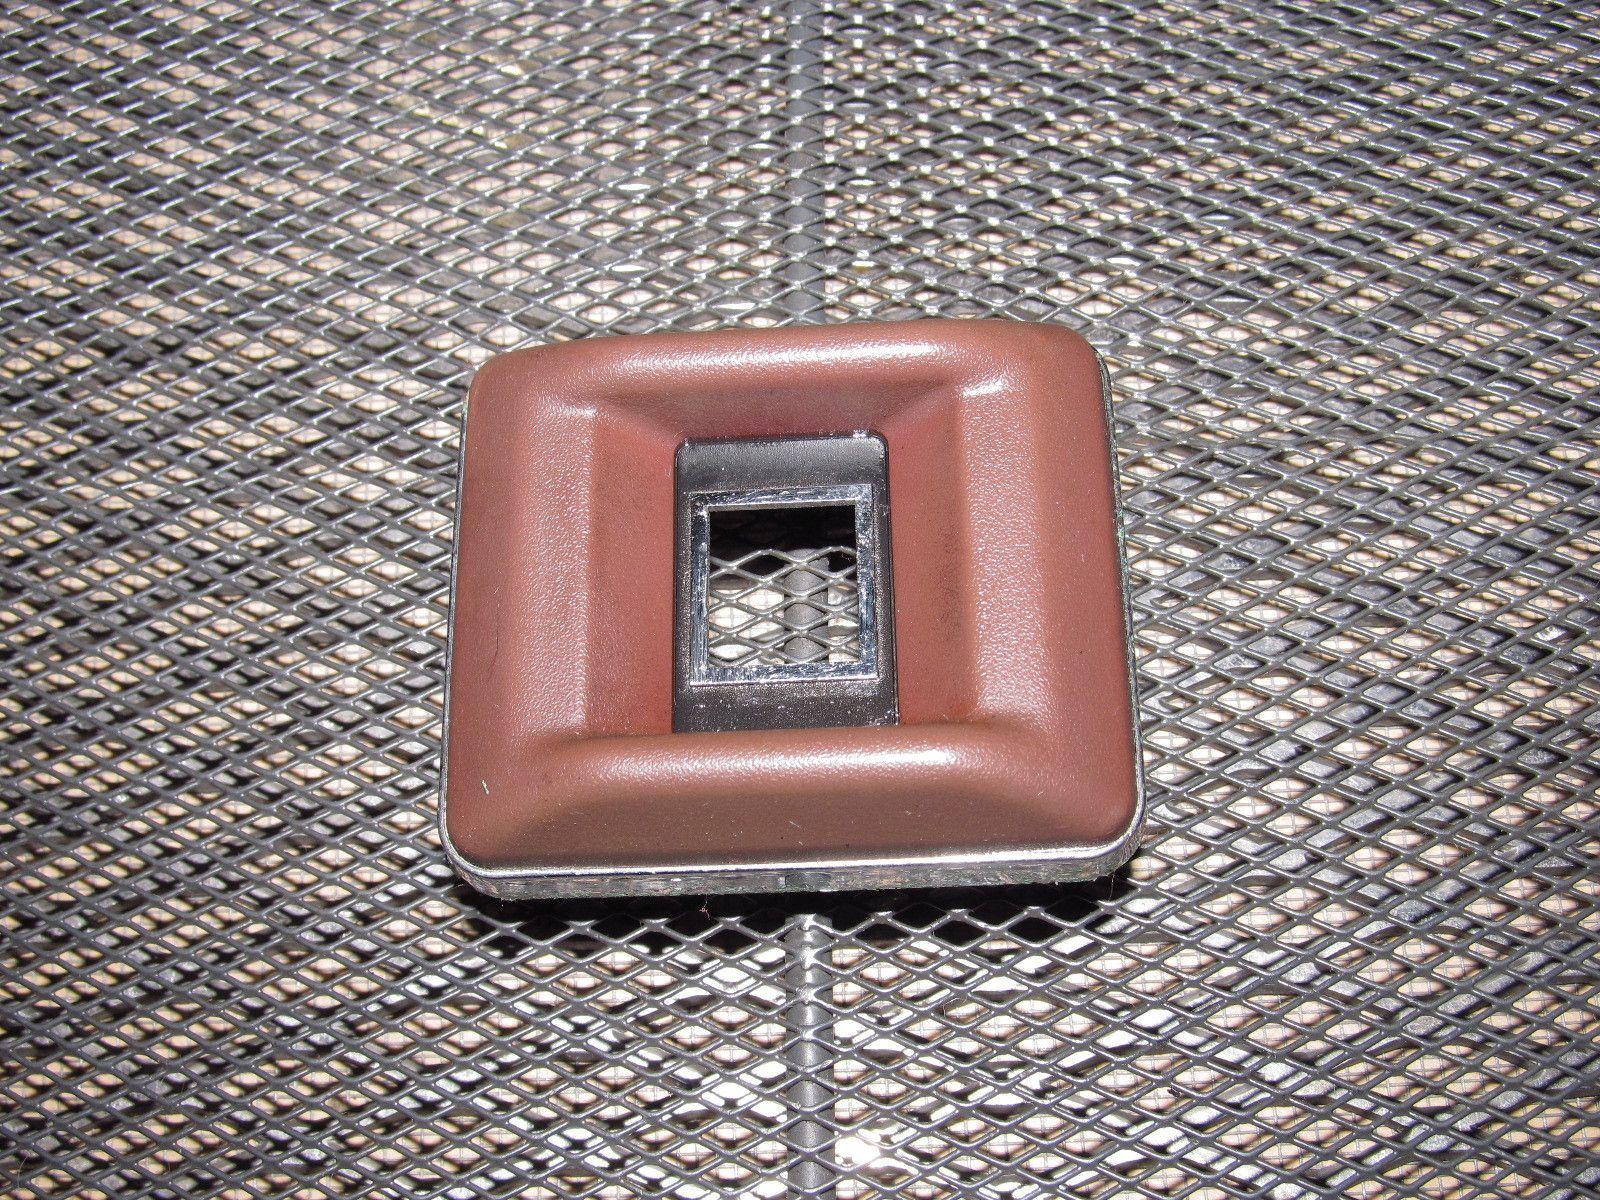 79 80 Datsun 280zx OEM Window Switch Bezel Trim - Right